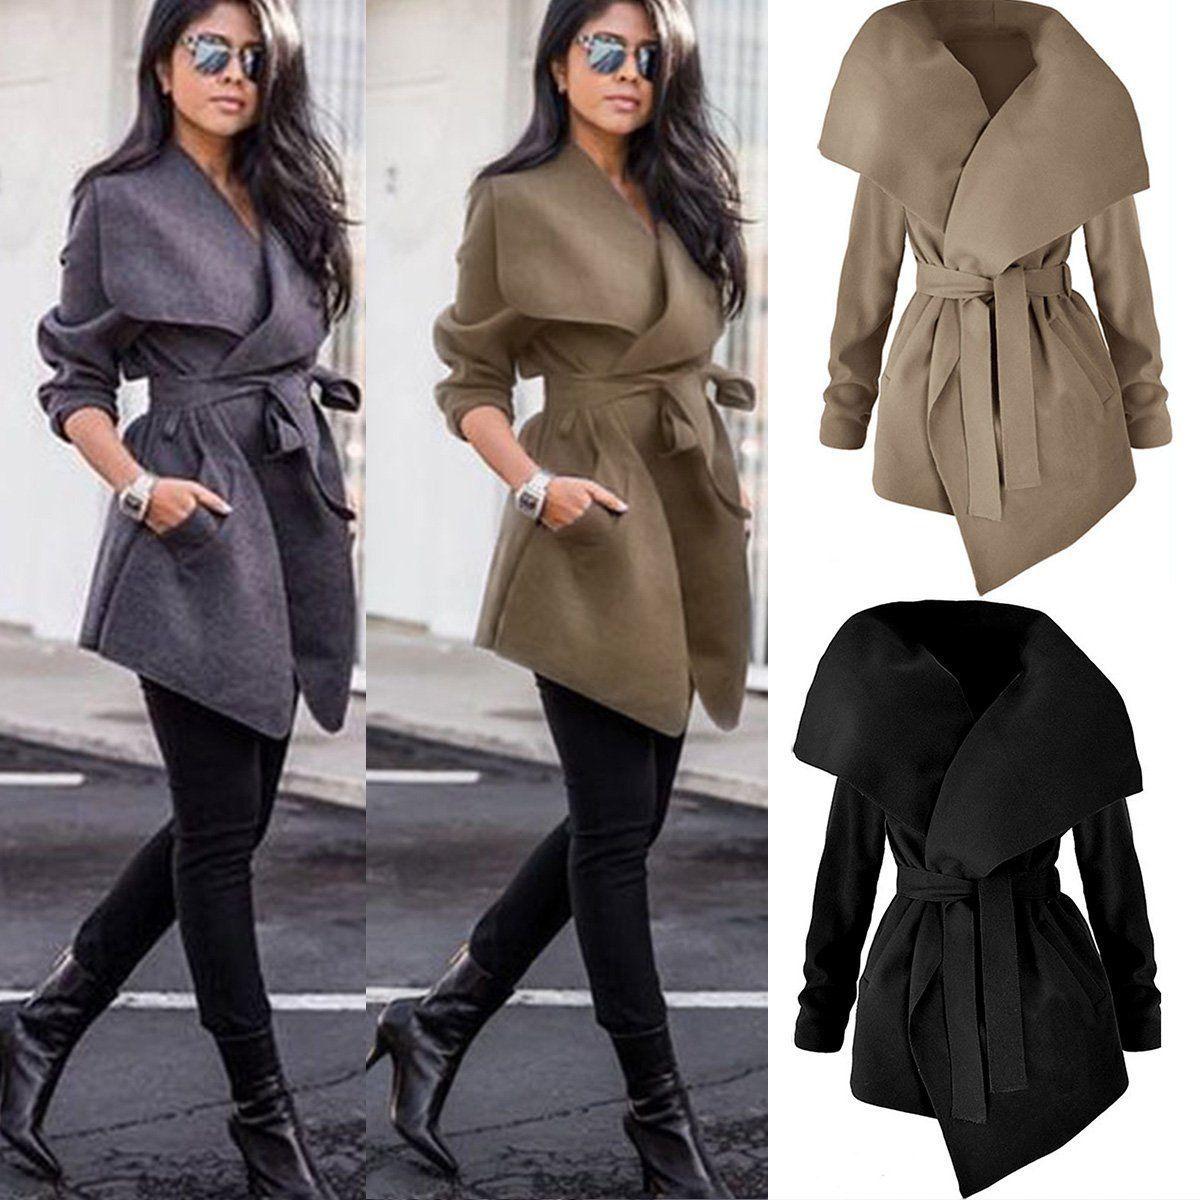 04adaaca95f0 Fashion Women Ladies Winter Trench Coat Warm Parka Overcoat Long Jacket  Outwear